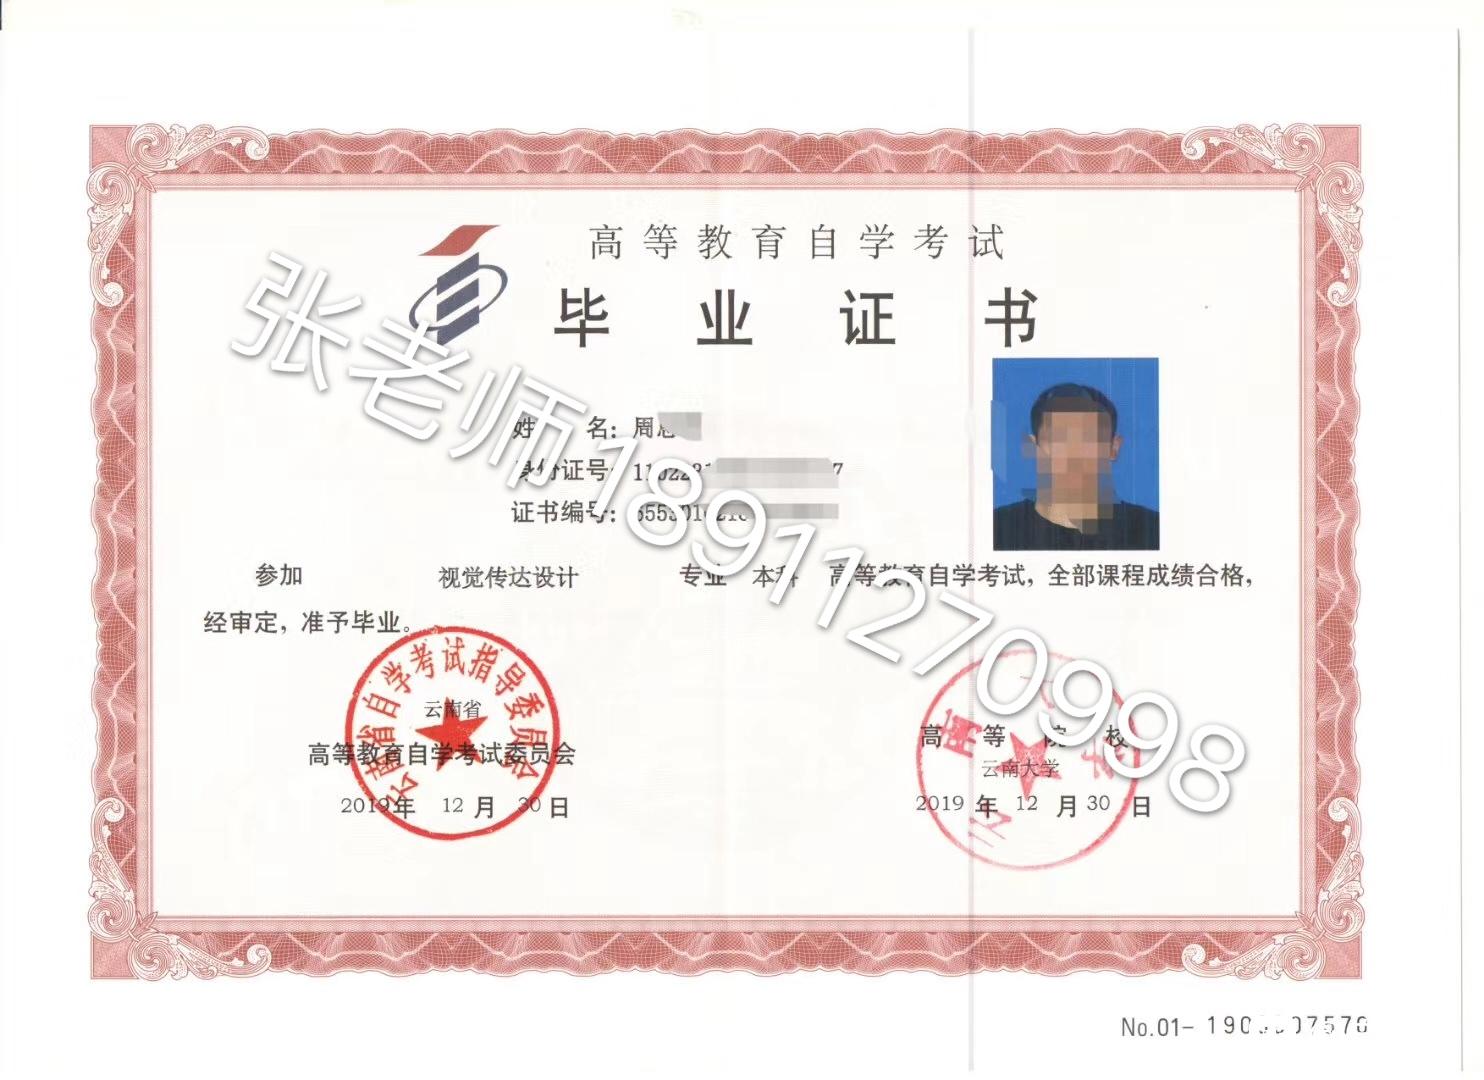 云南大学,本科环境设计专业可以轻松拿本科学位